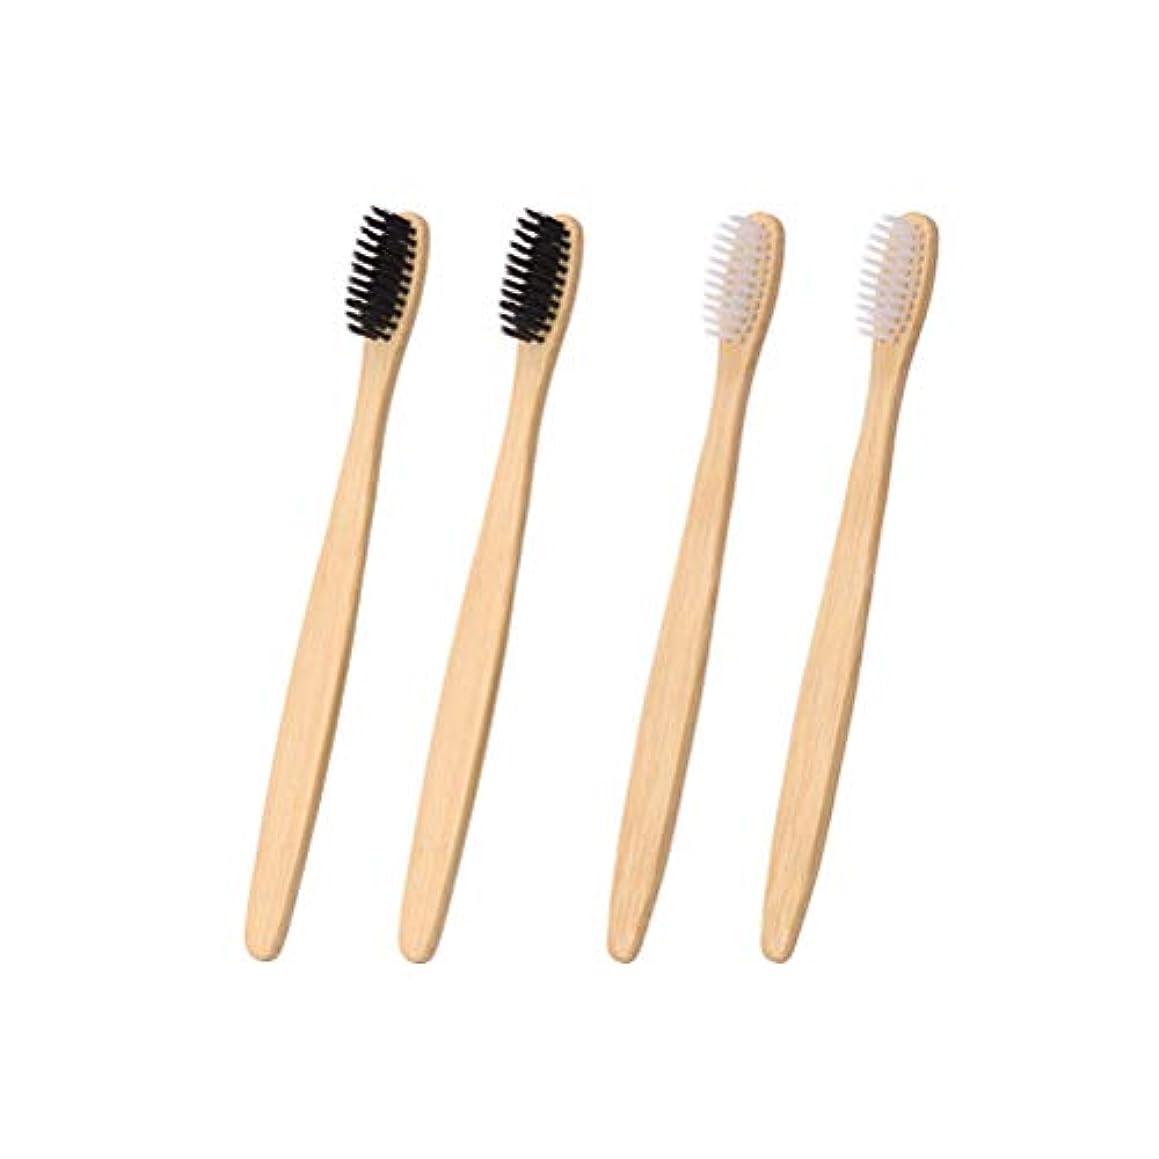 人類発生器修理可能Healifty 旅行のための竹の歯ブラシの木炭剛毛使い捨てのナイロン歯ブラシ(白黒各2本)